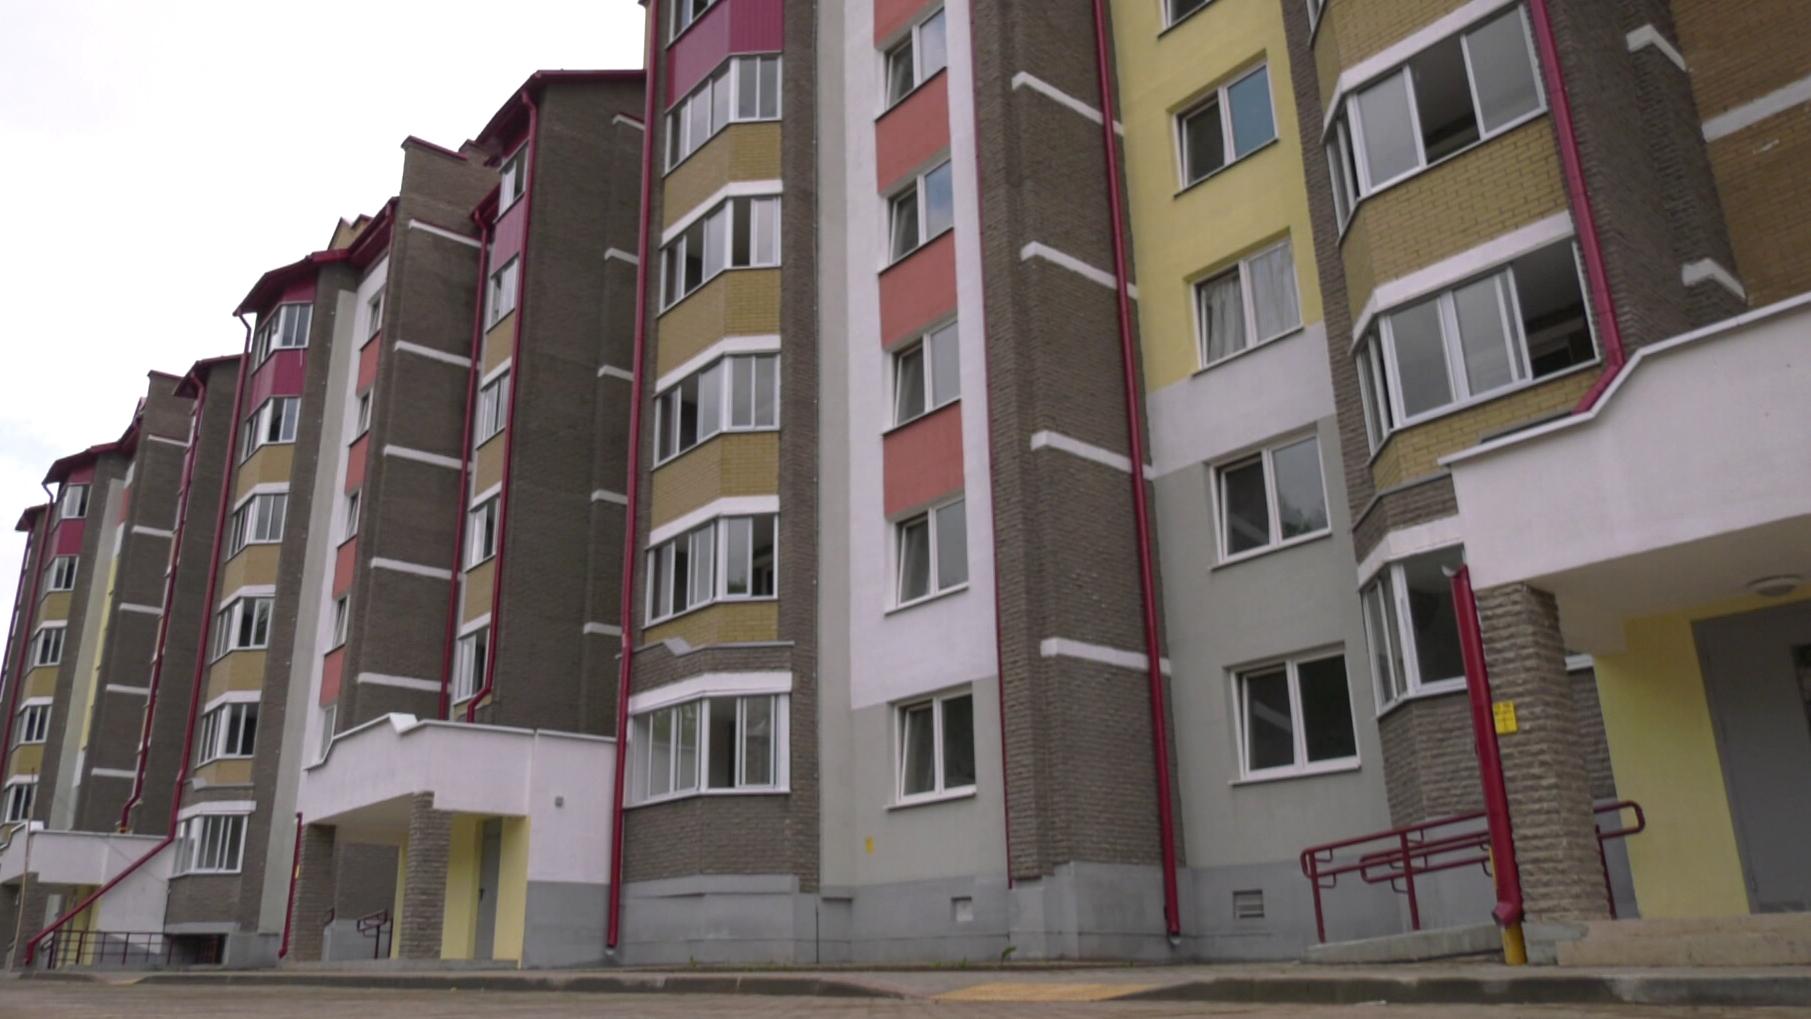 zhiljo - С начала года в области сдано 126 тыс. квадратных метров жилья (видео)